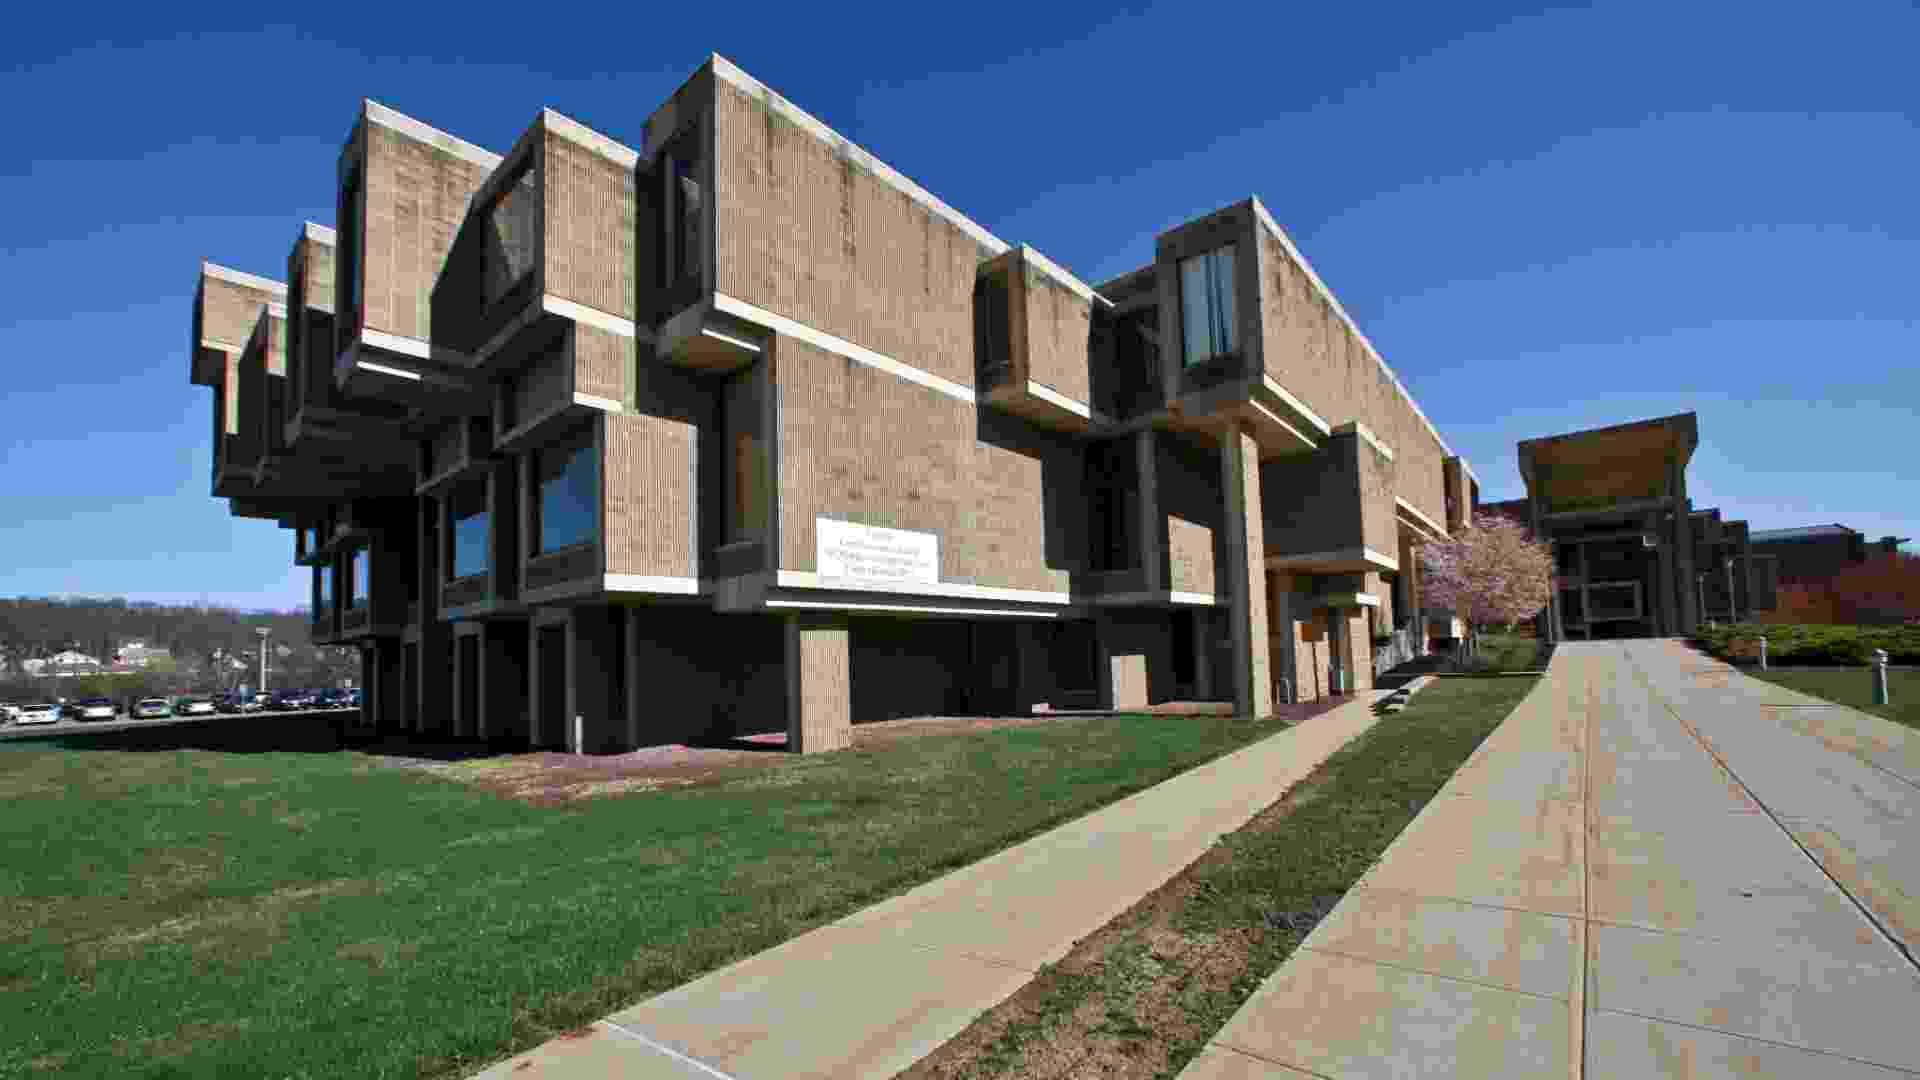 Arquitetura brutalista NYT, usar apenas no respectivo material - Fred R. Conrad/The New York Times